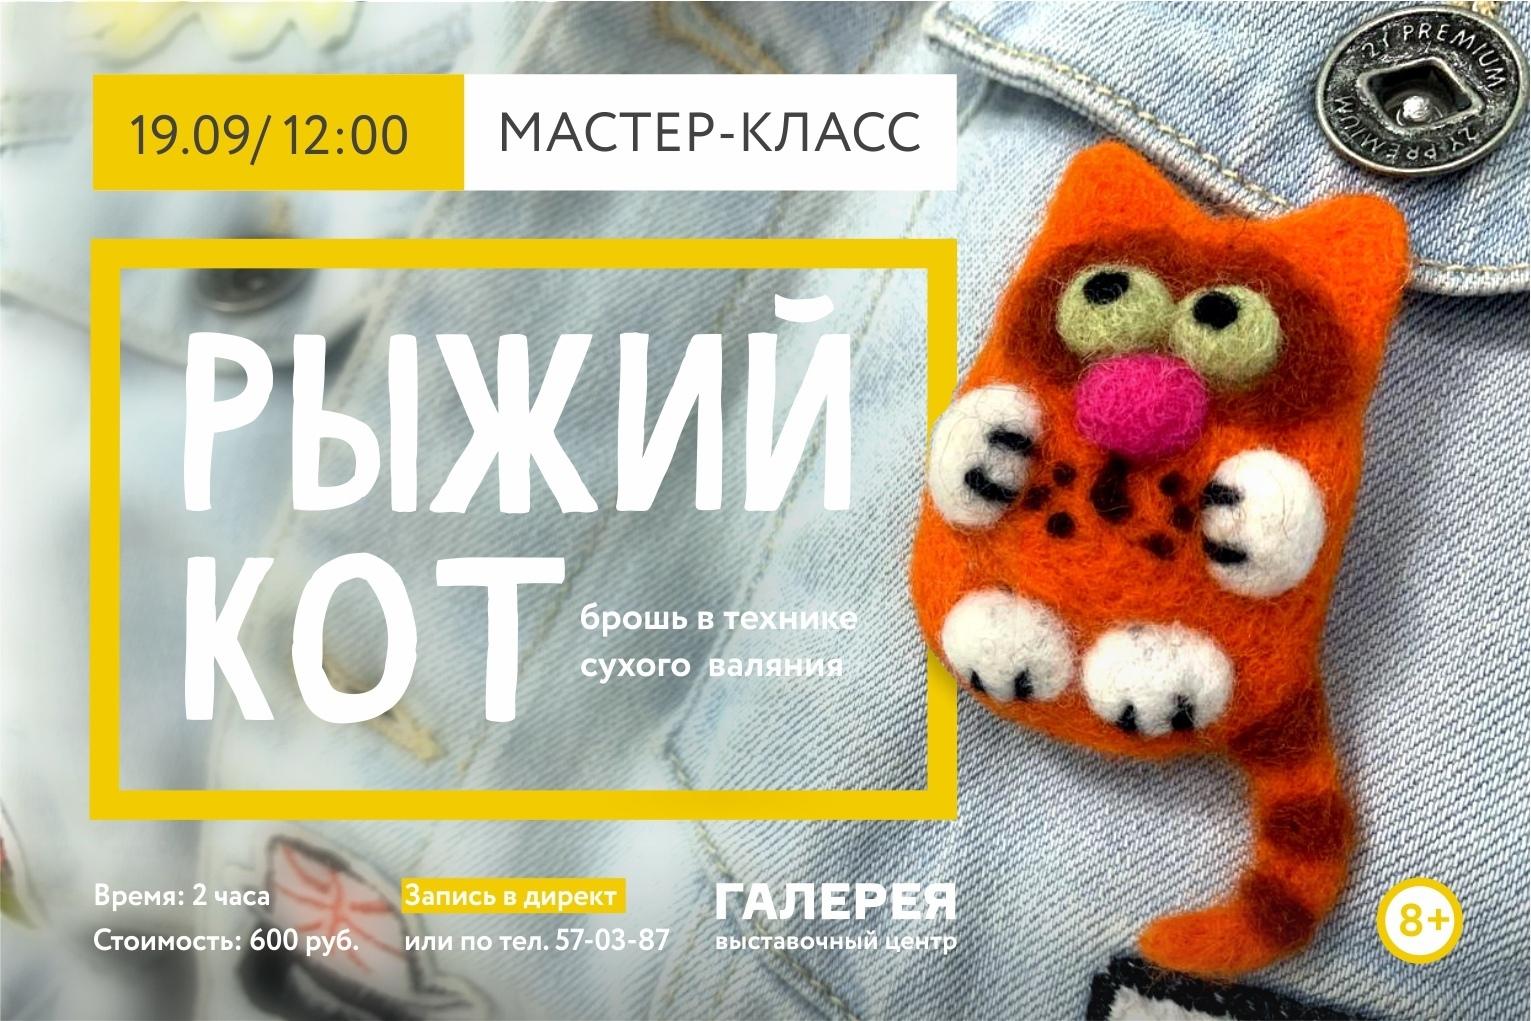 Мастер-класс по валянию «Рыжий кот»